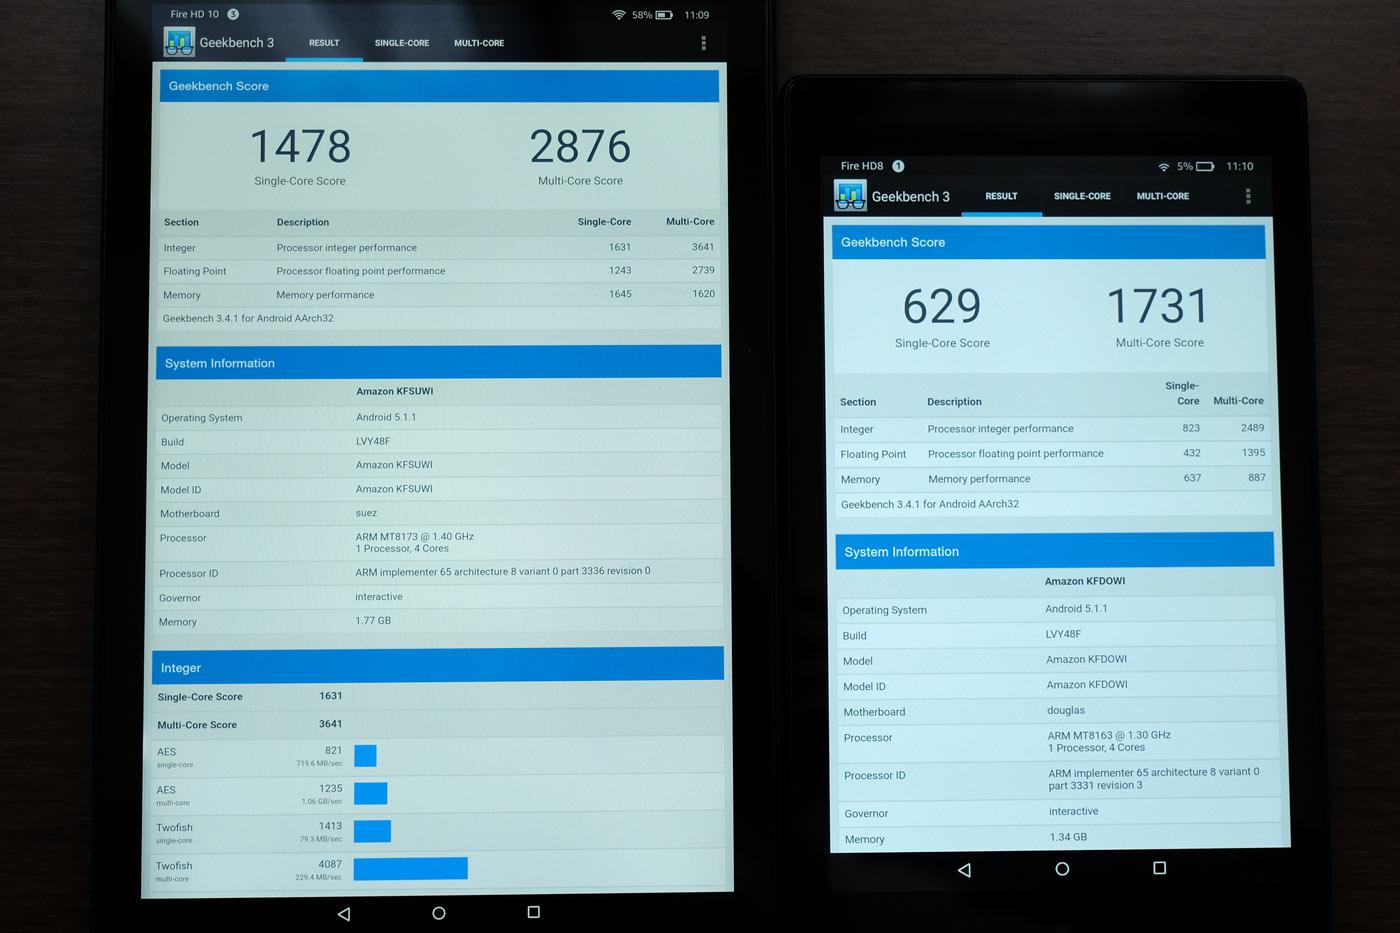 Fire HD 10 vs Fire HD 8 CPUの性能比較